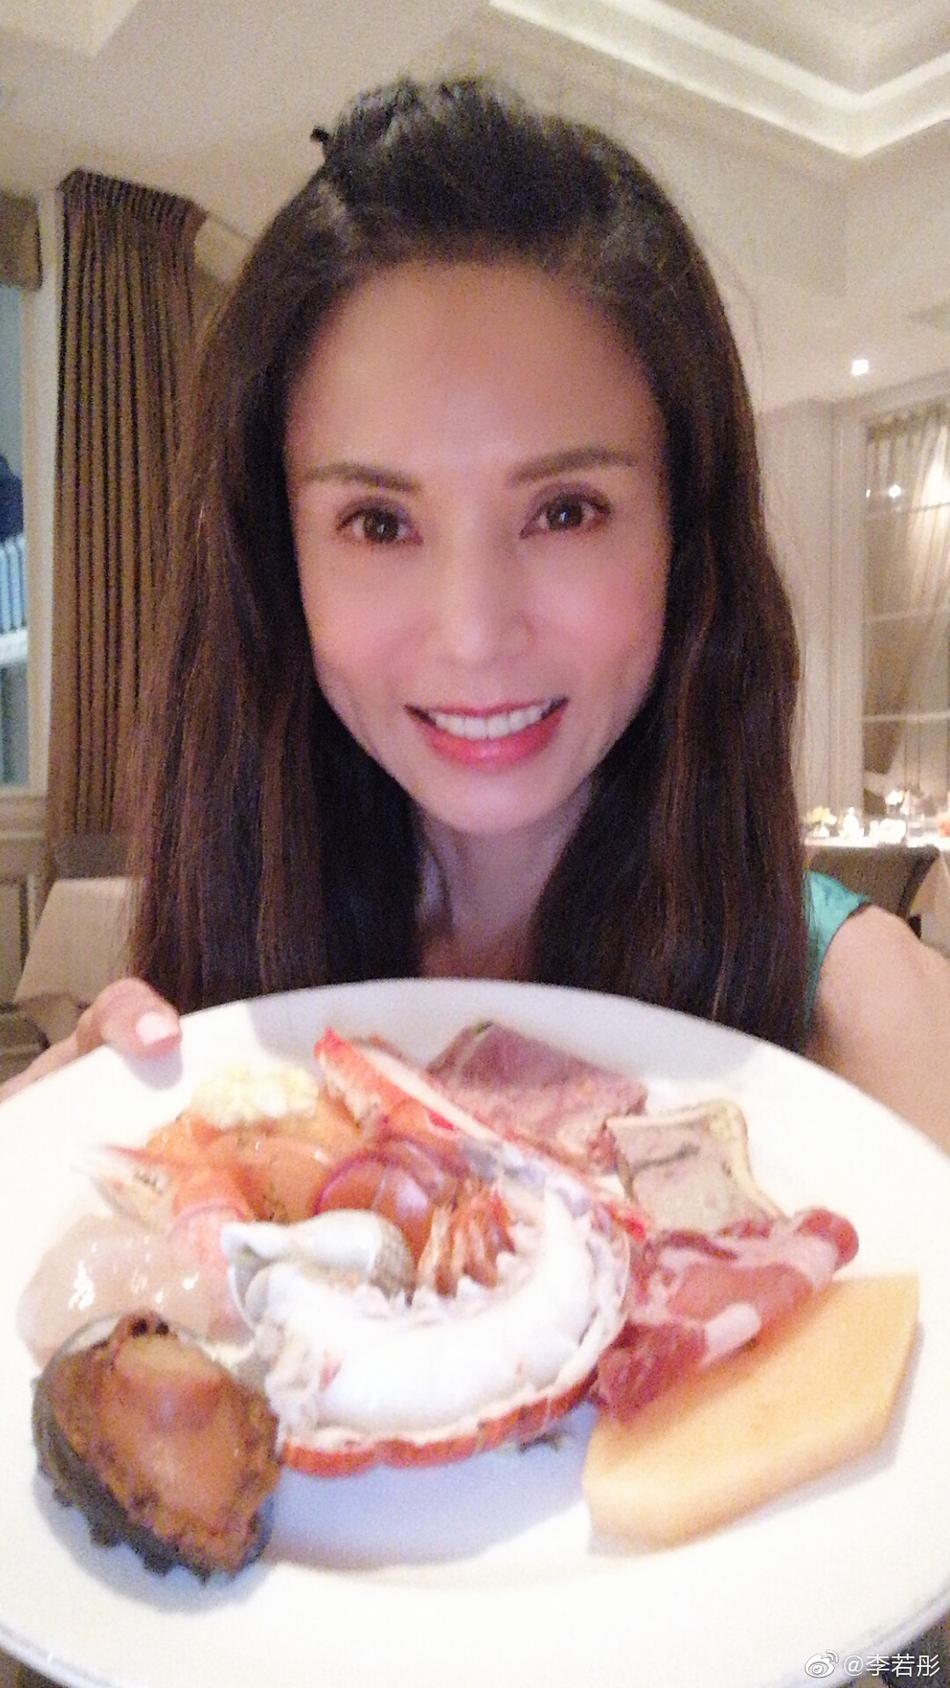 李若彤和友人提前庆祝生日 端各式美食自拍甜笑状态好